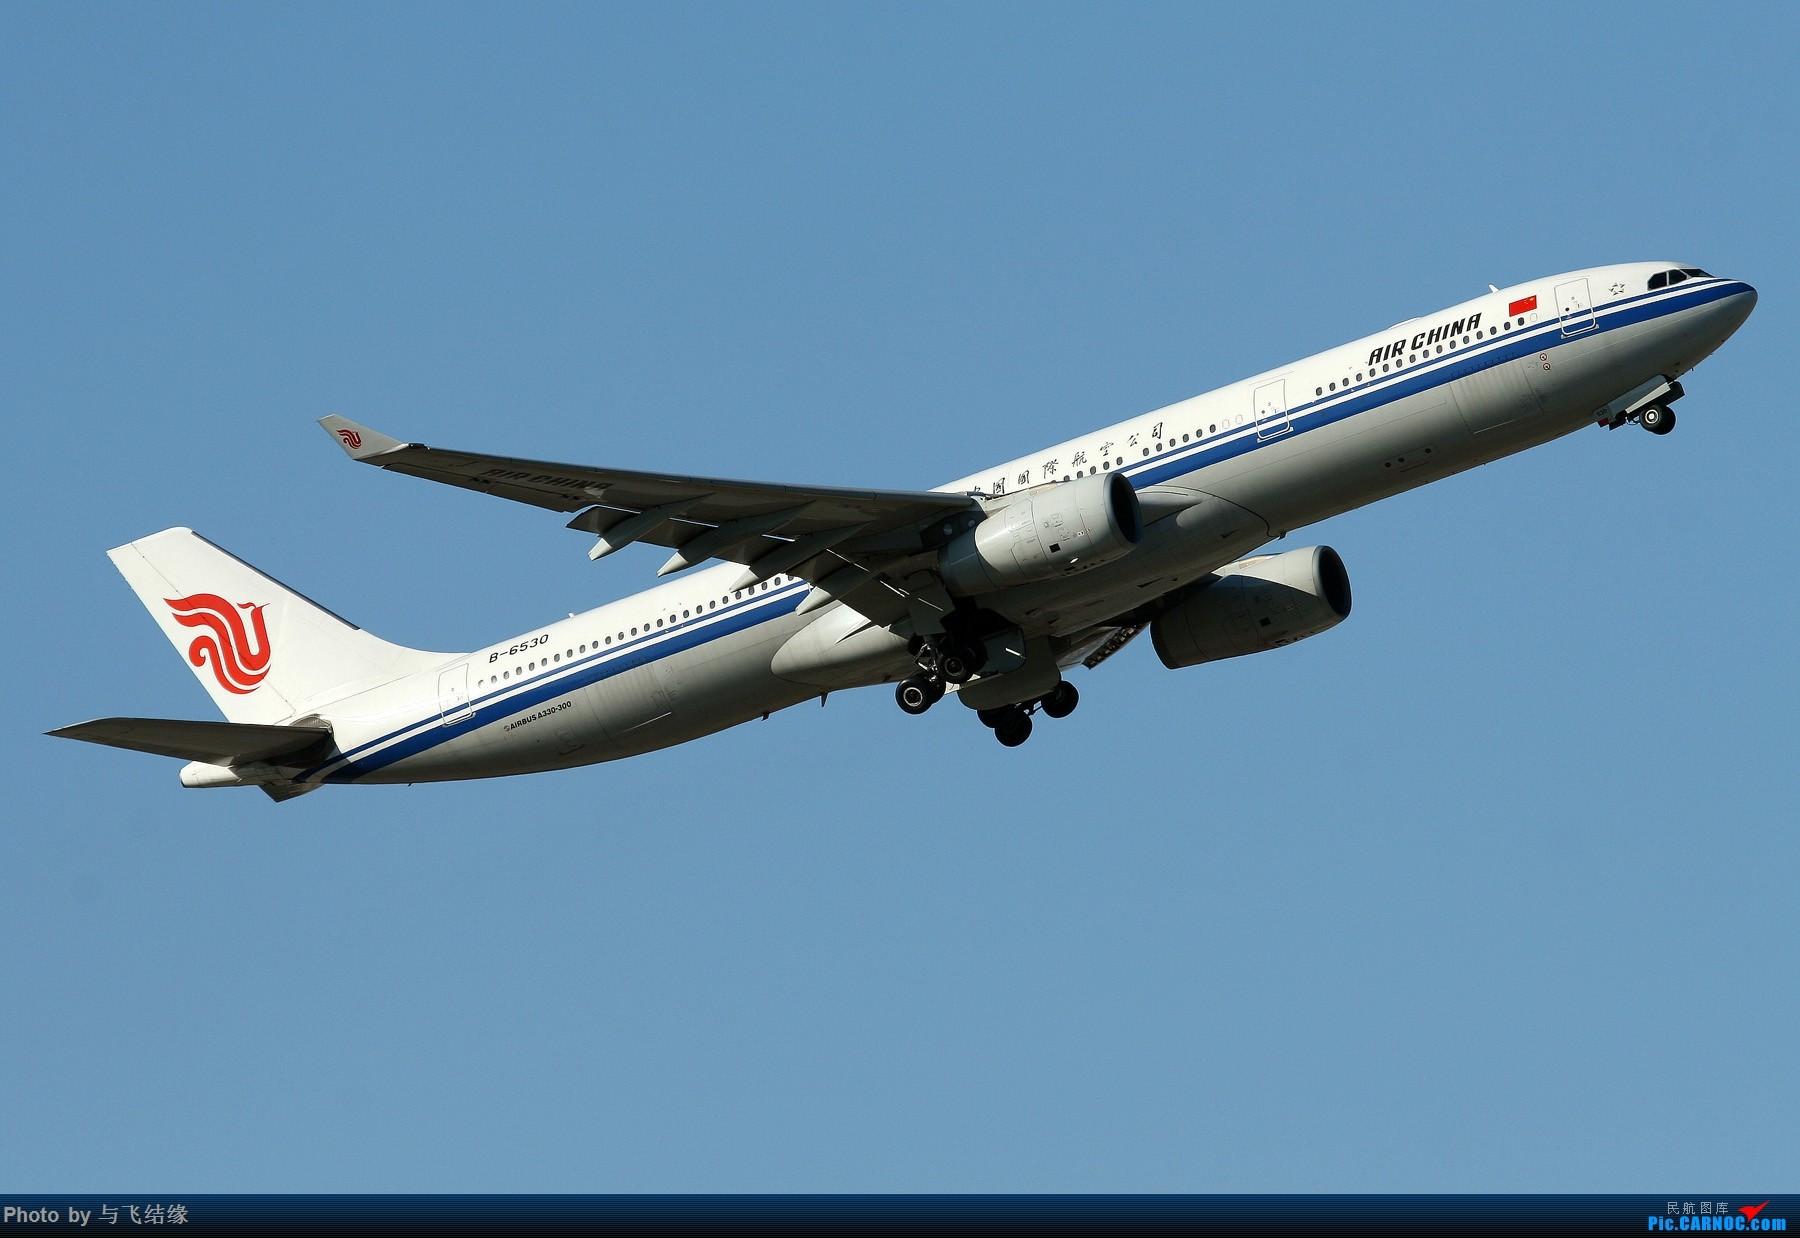 Re:[原创]新瓶装旧酒老图新发之昂首奋飞! AIRBUS A330-300 B-6530 中国北京首都国际机场